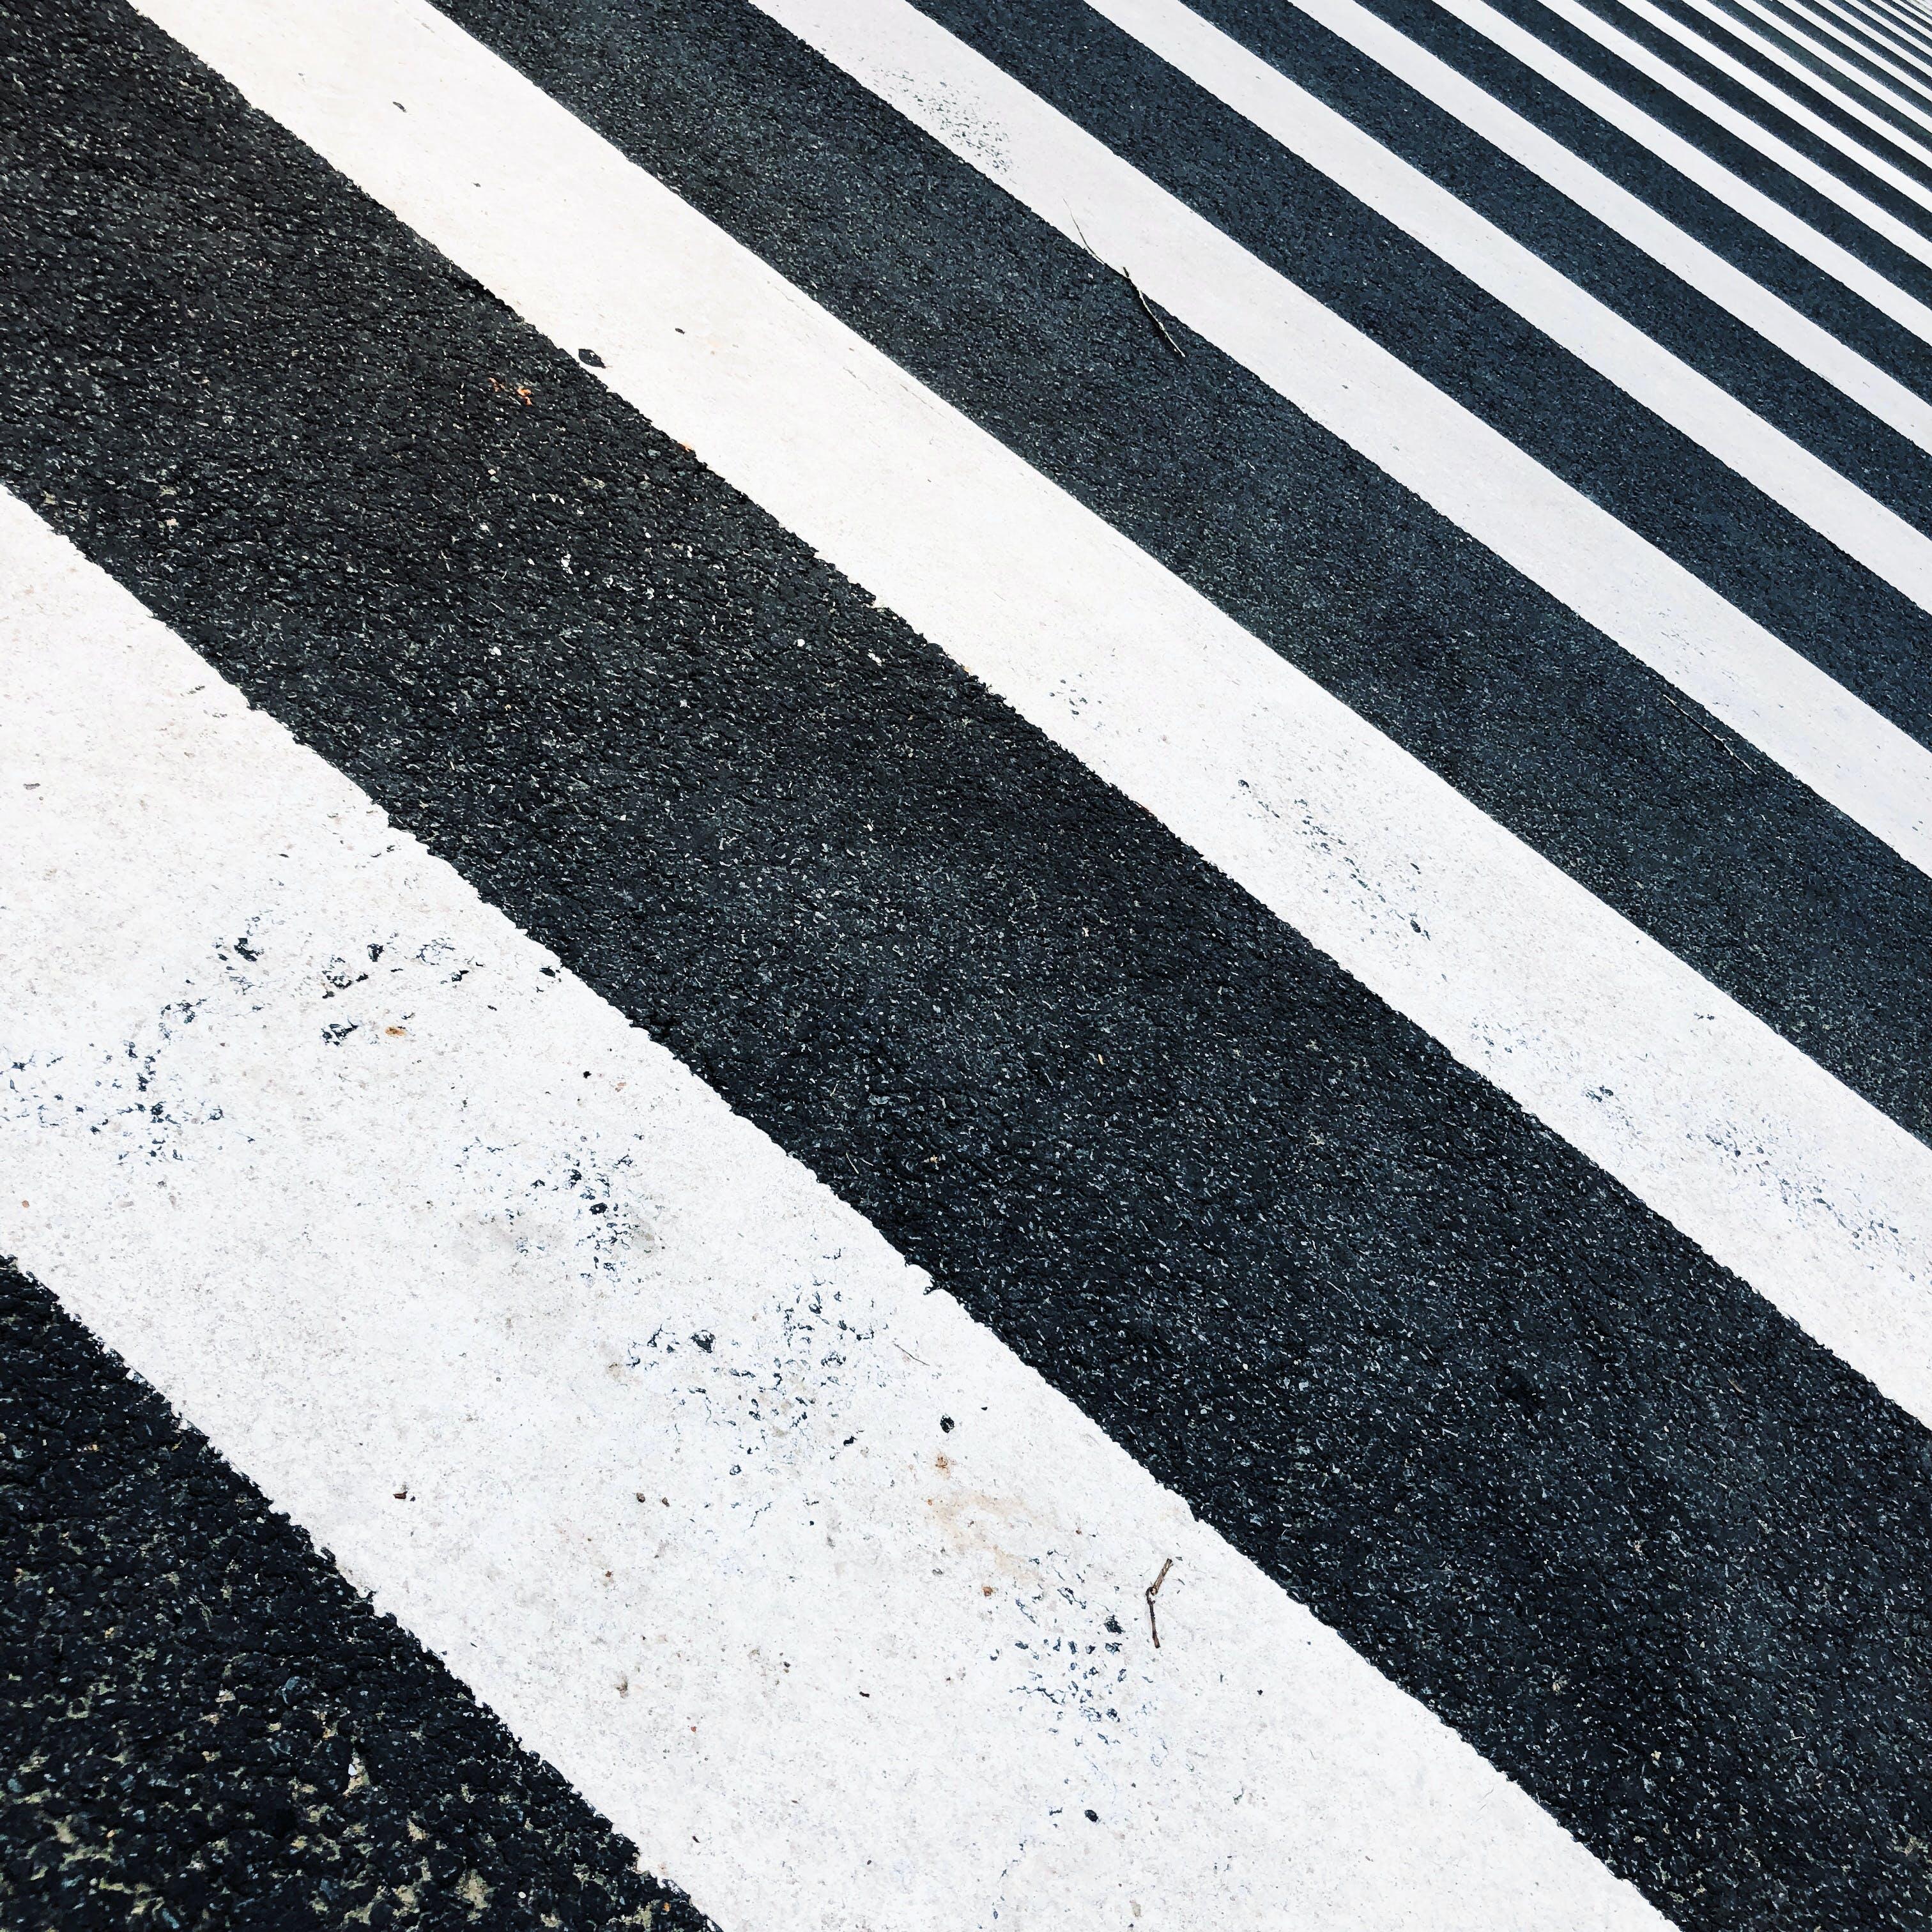 Gratis lagerfoto af abstrakt, asfalt, fodgængerfelt, kryds